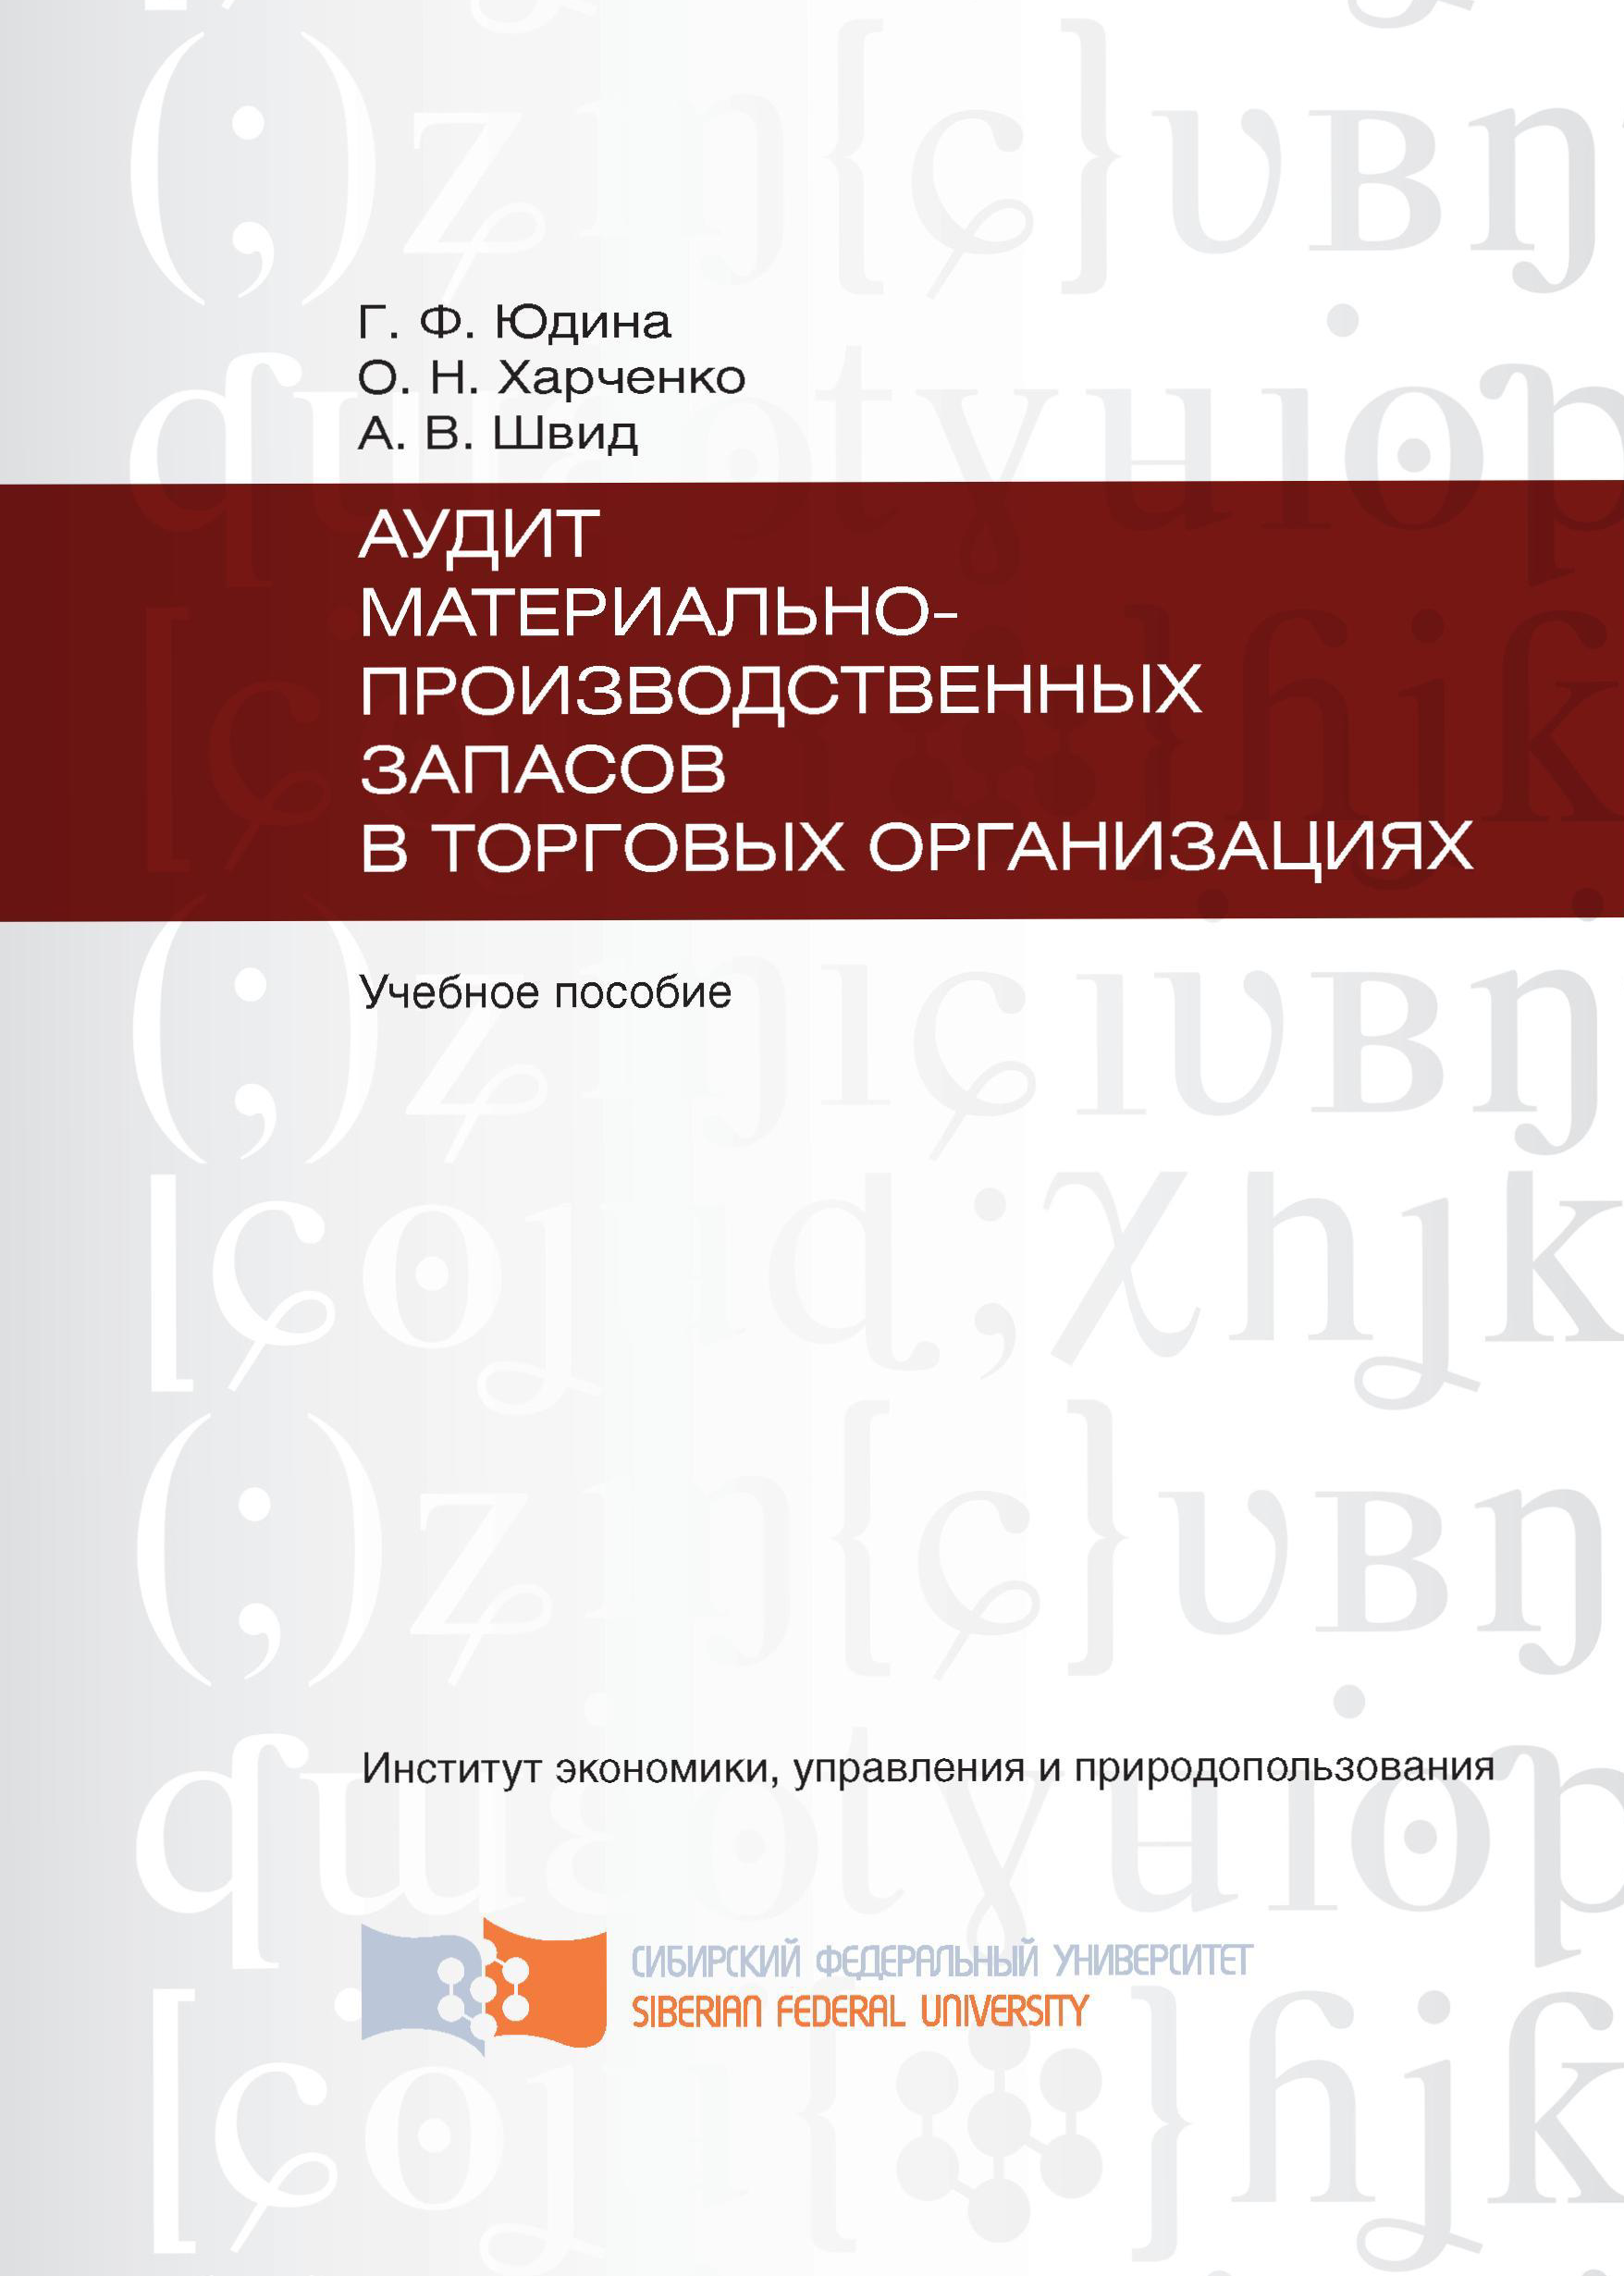 Галина Юдина Аудит материально-производственных запасов в торговых организациях